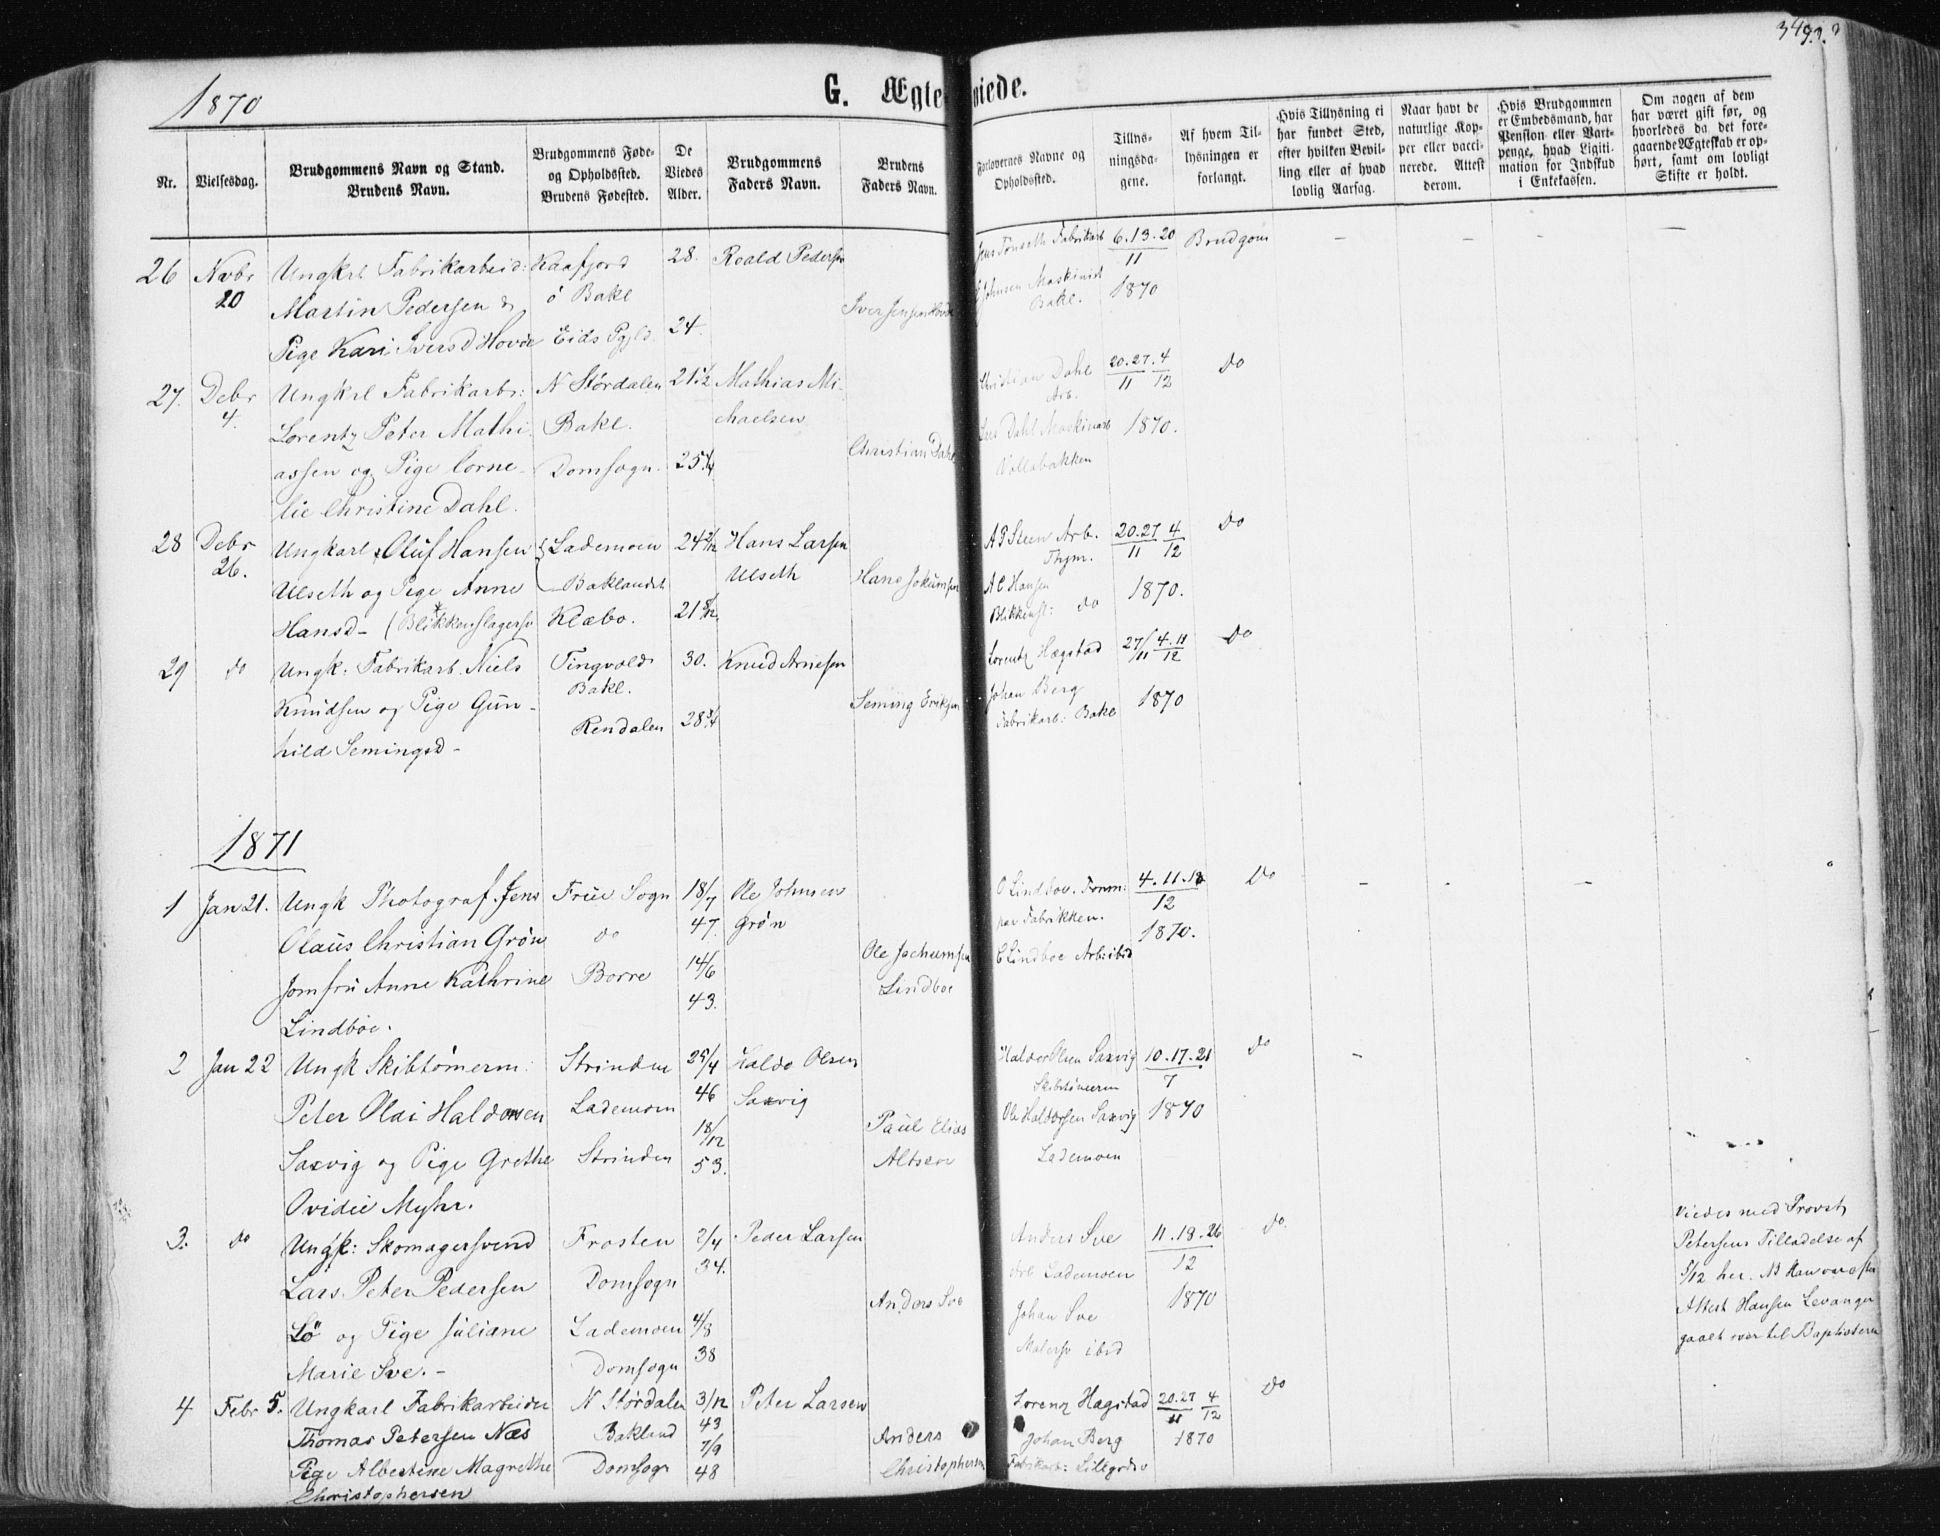 SAT, Ministerialprotokoller, klokkerbøker og fødselsregistre - Sør-Trøndelag, 604/L0186: Ministerialbok nr. 604A07, 1866-1877, s. 349